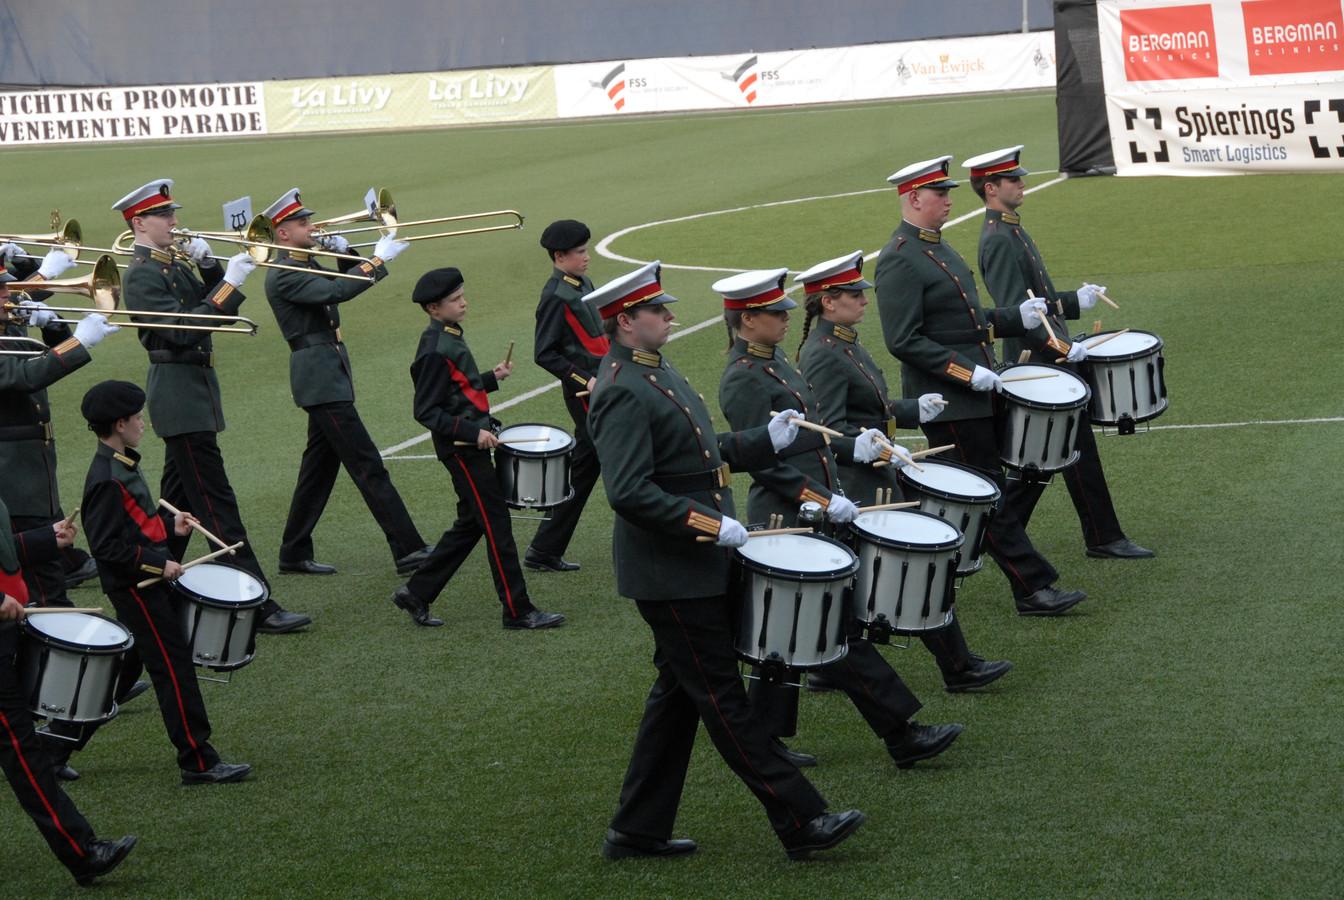 Show- en marchingband Amantius met leden van Jong Amantius, zaterdagavond in De Vliert